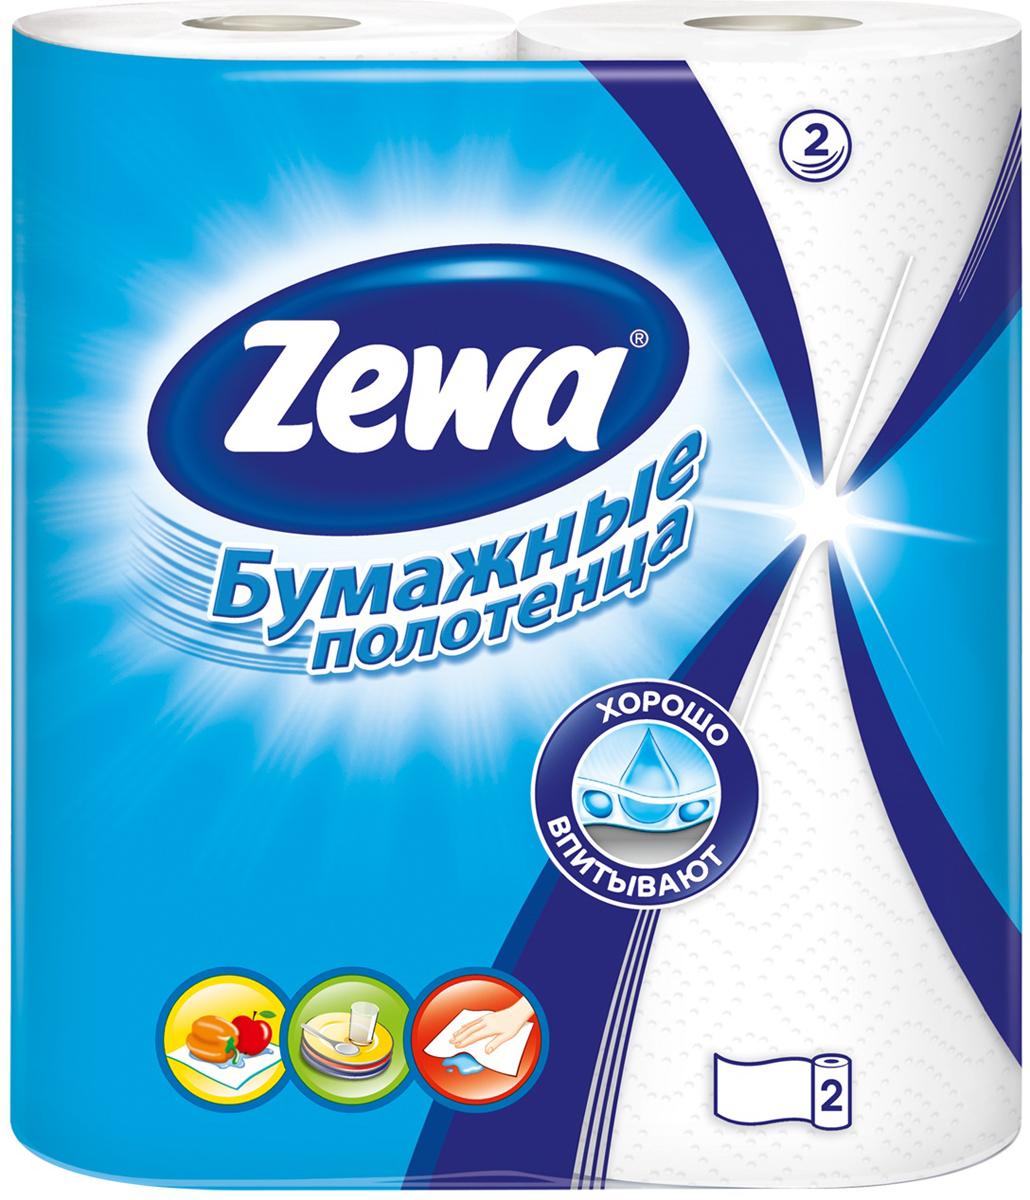 Полотенца бумажные Zewa, двухслойные, 2 рулонаУТ000000791Двухслойные бумажные полотенца Zewa станут универсальным и незаменимым помощником в доме. С их помощью можно легко вытереть пролитую жидкость, отполировать до блеска стекла или посуду, очистить поверхность. В комплекте 2 рулона. Состав: вторичное волокно.